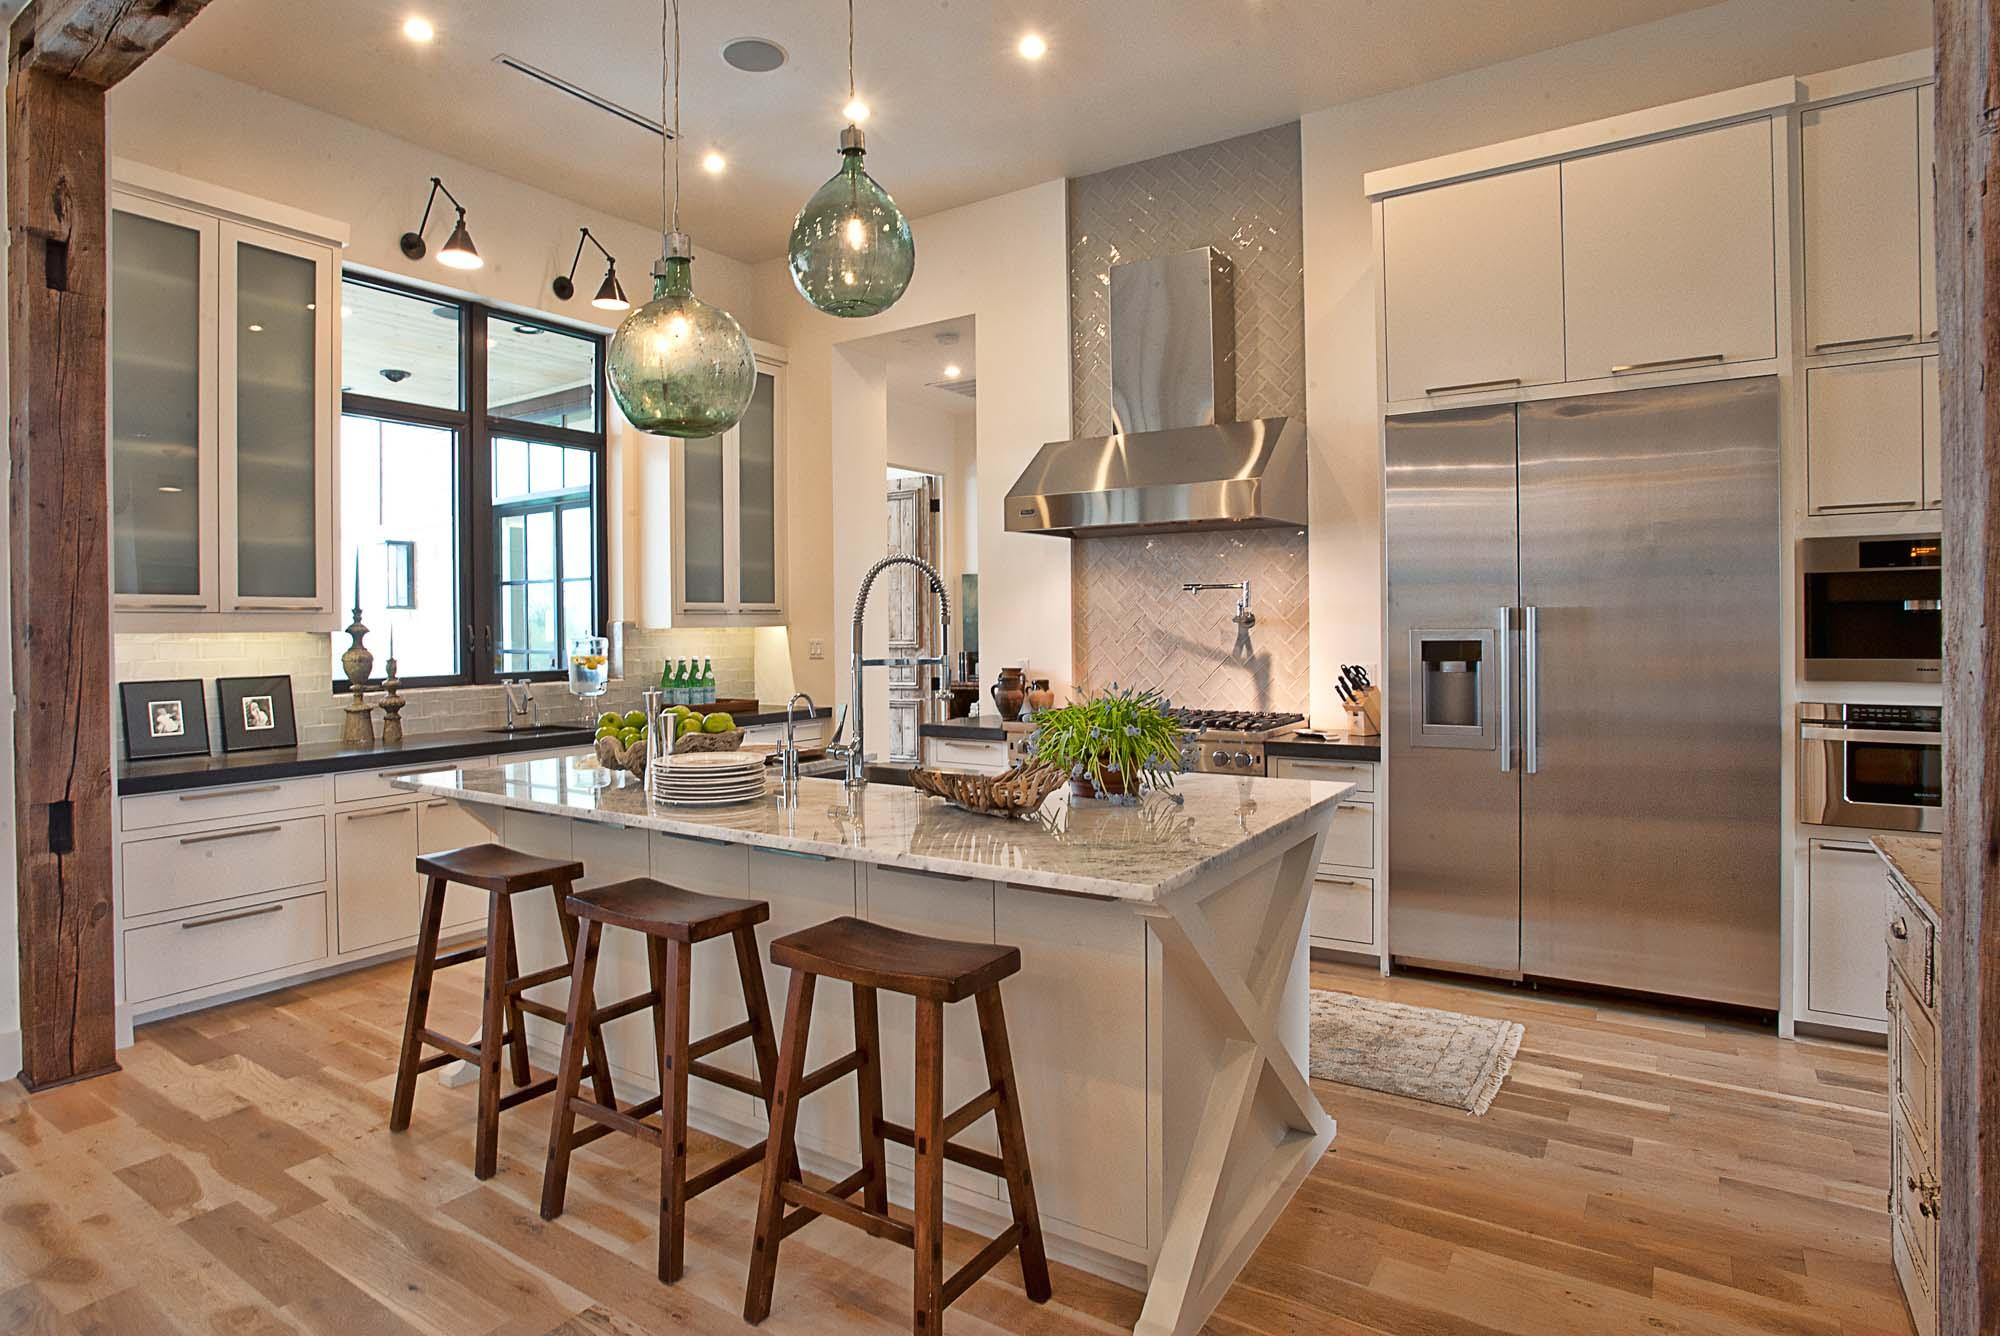 Интерьер кухни в частном доме своими руками фото не дорогой